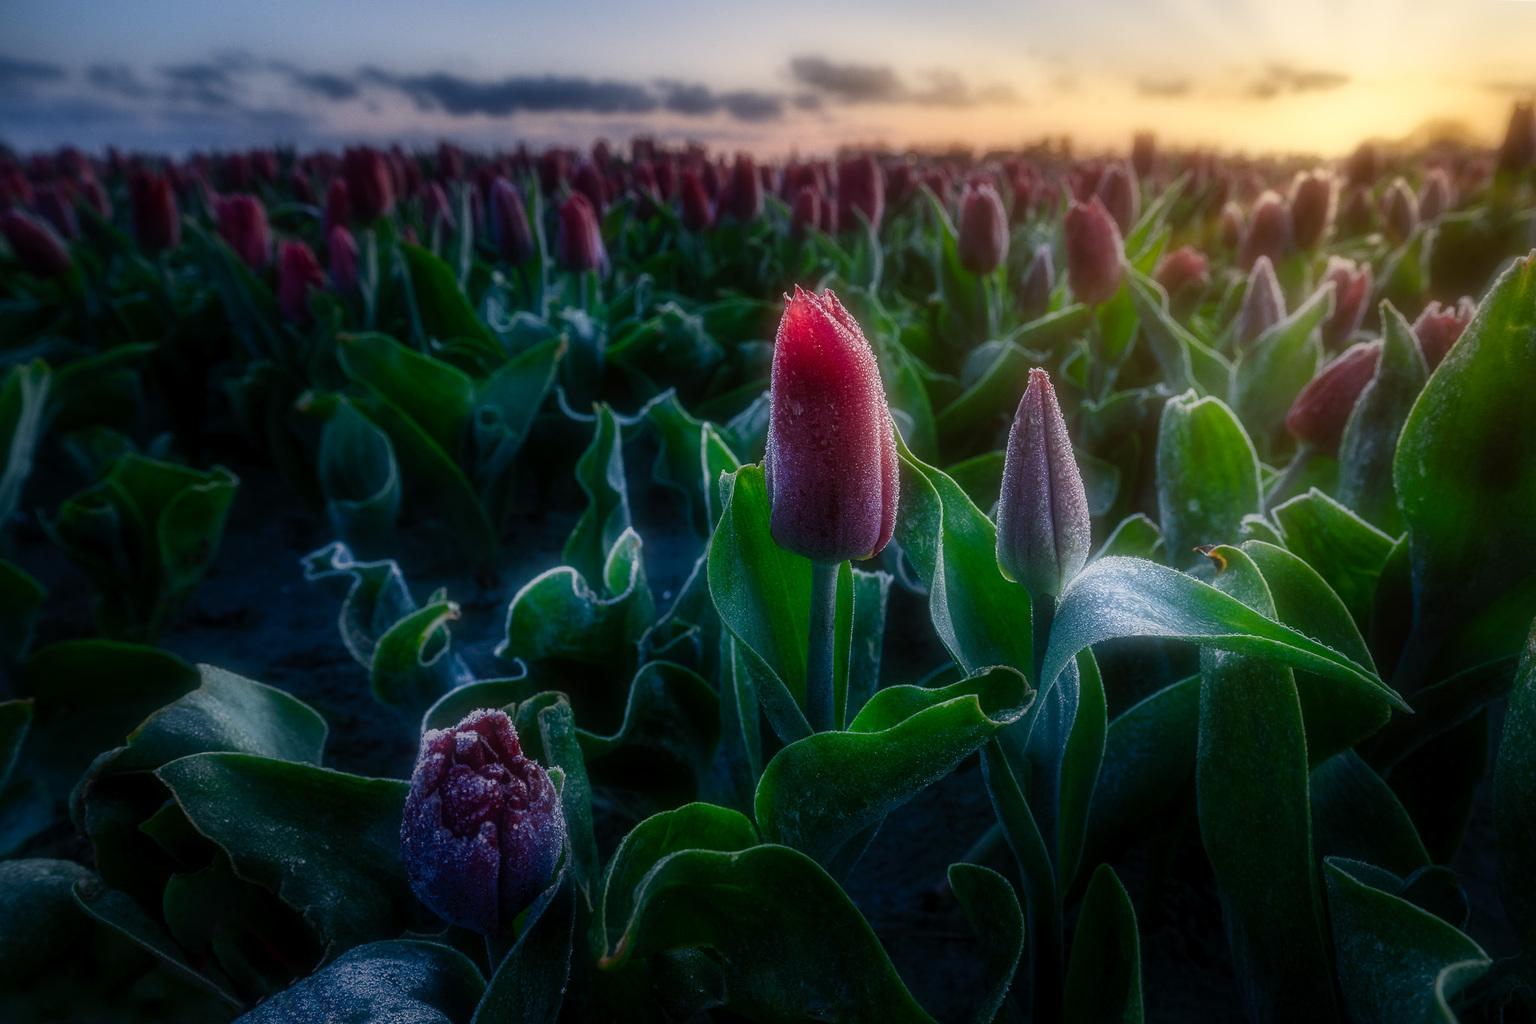 Tulpen Goeree-Overflakkee  - Het was koud waardoor er een dun laagje ijs op de tulpen zaten. Lucht was niet zo interessant waardoor ik voor een lage compositie heb gekozen.  - foto door vandenberg.bjj op 14-04-2021 - locatie: Goeree-Overflakkee, Nederland - deze foto bevat: tulpen, goeree-overflakkee, hollandslandschap, bloem, fabriek, lucht, bloemblaadje, plantkunde, natuurlijk landschap, terrestrische plant, zonlicht, landbouw, gras